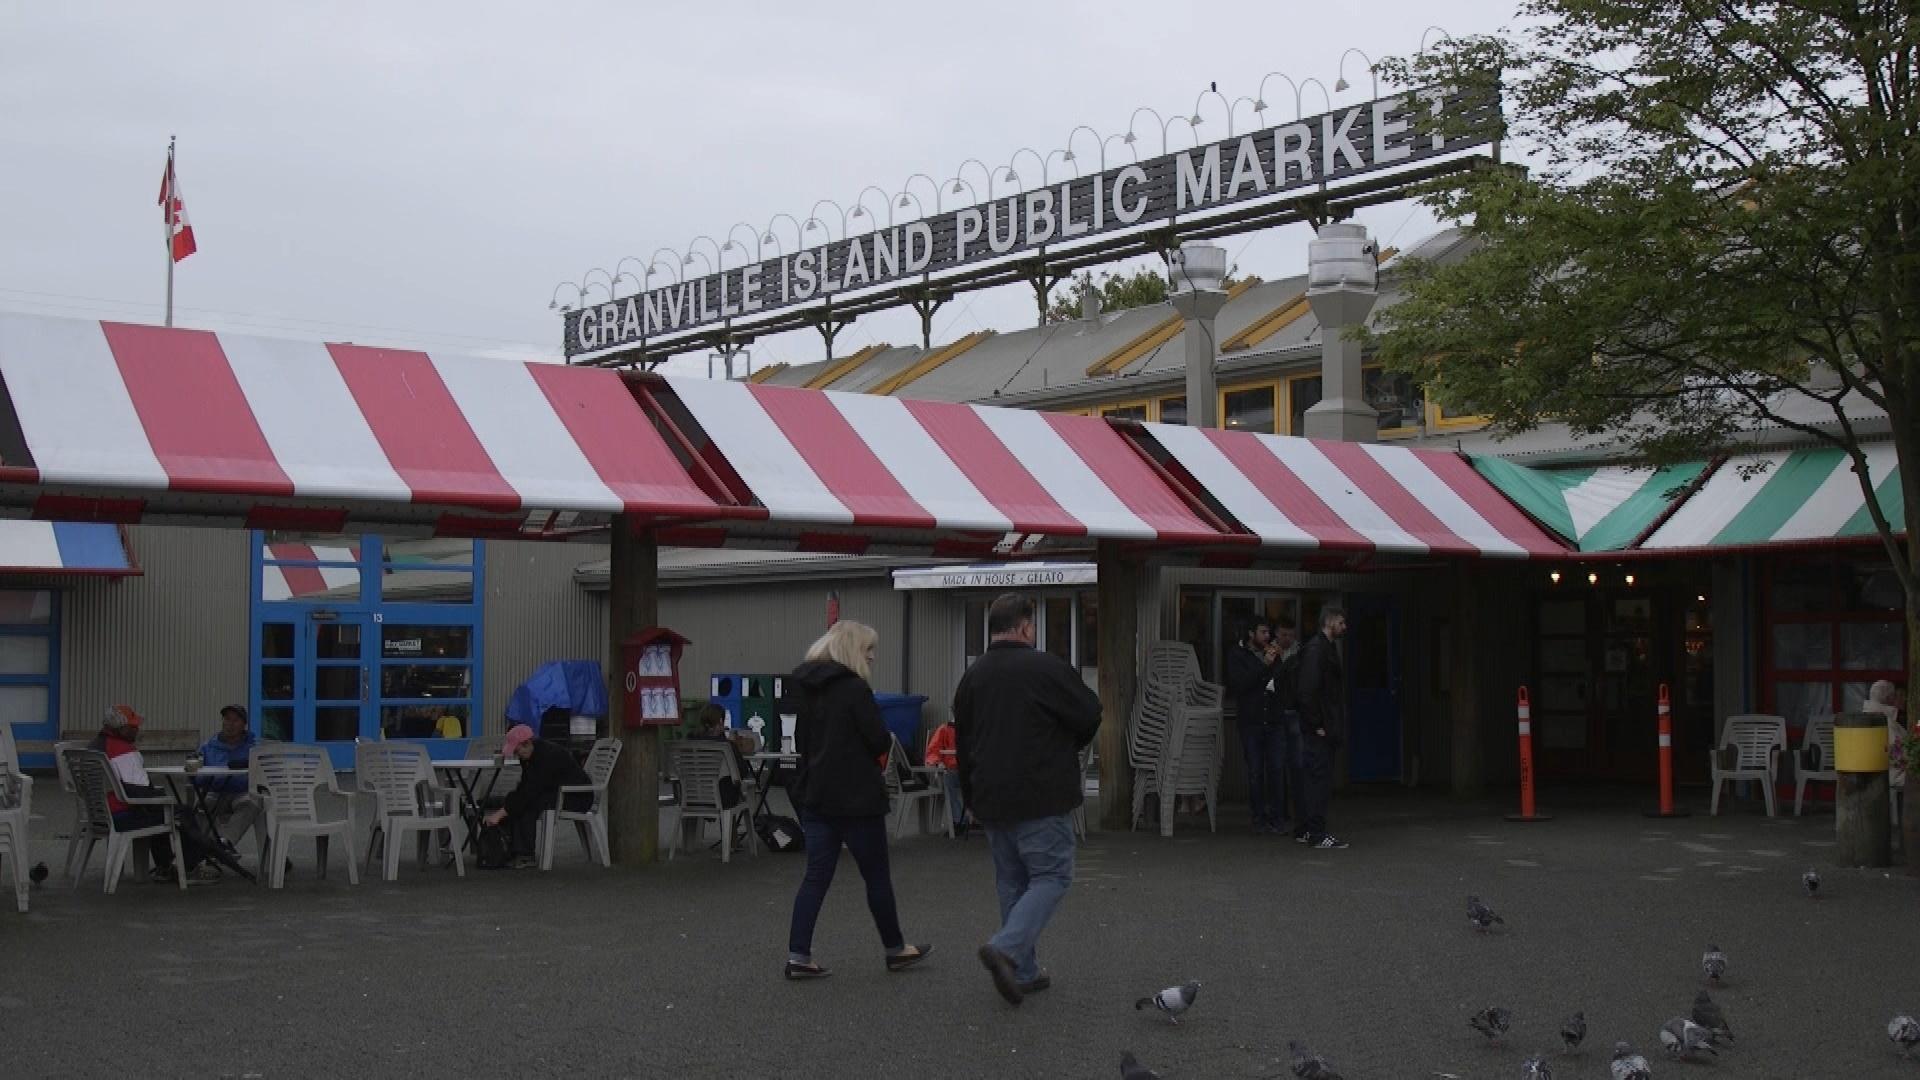 The Granville Island Public Market.